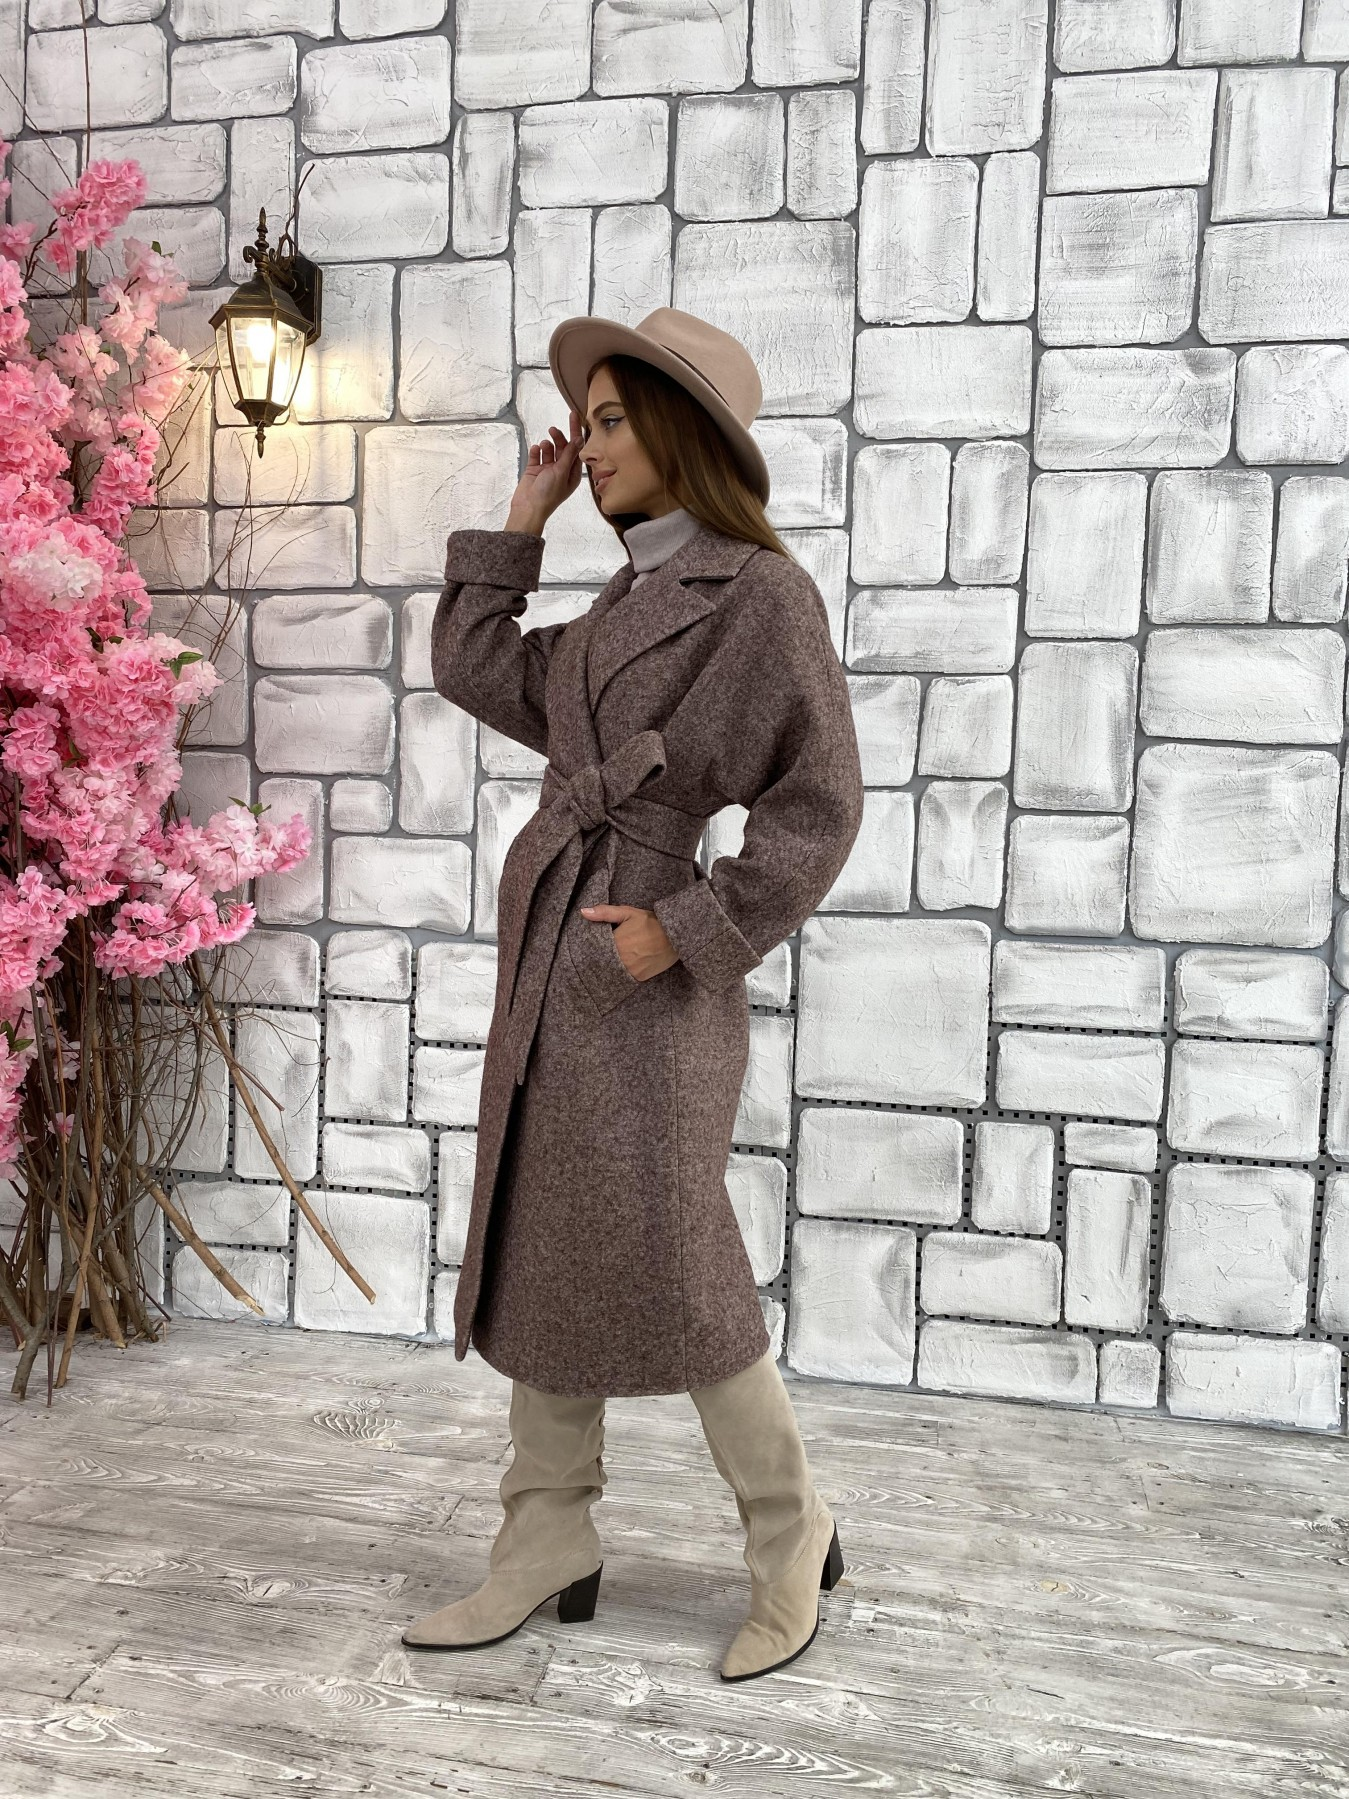 Влада шерсть варенка ткань пальто 11639 АРТ. 48350 Цвет: Кофе - фото 7, интернет магазин tm-modus.ru